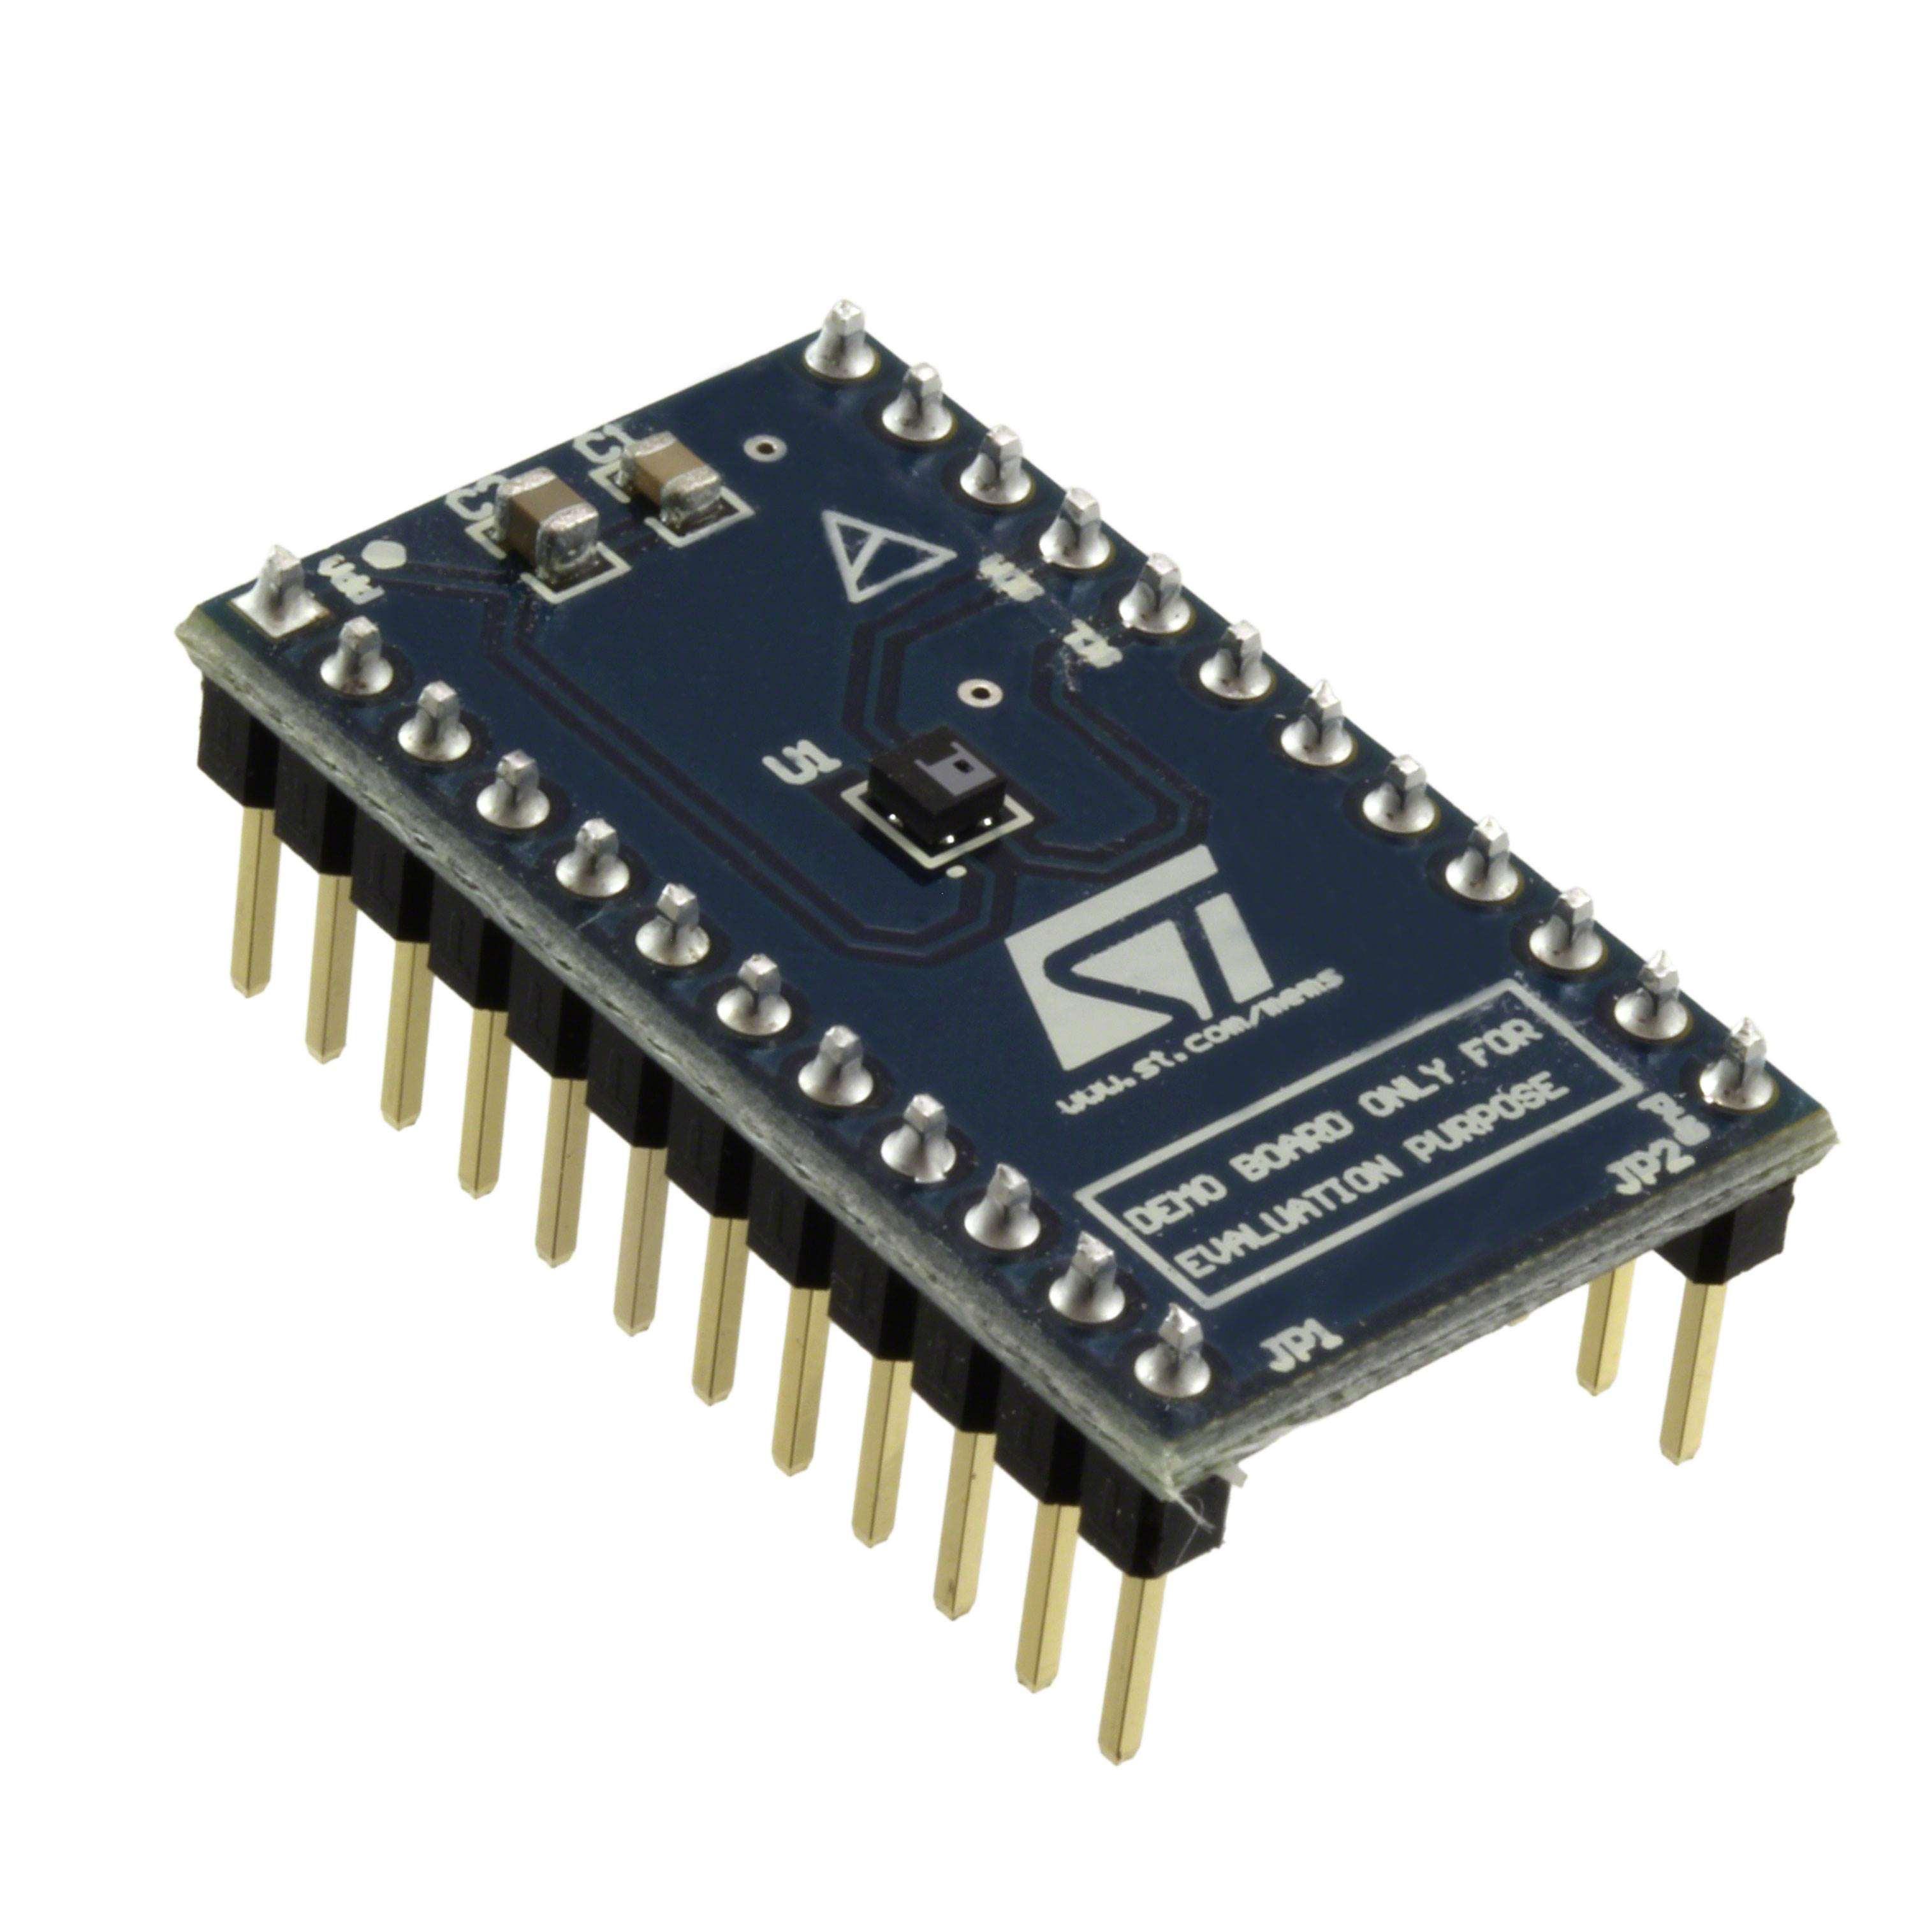 STEVAL-MKI141V1